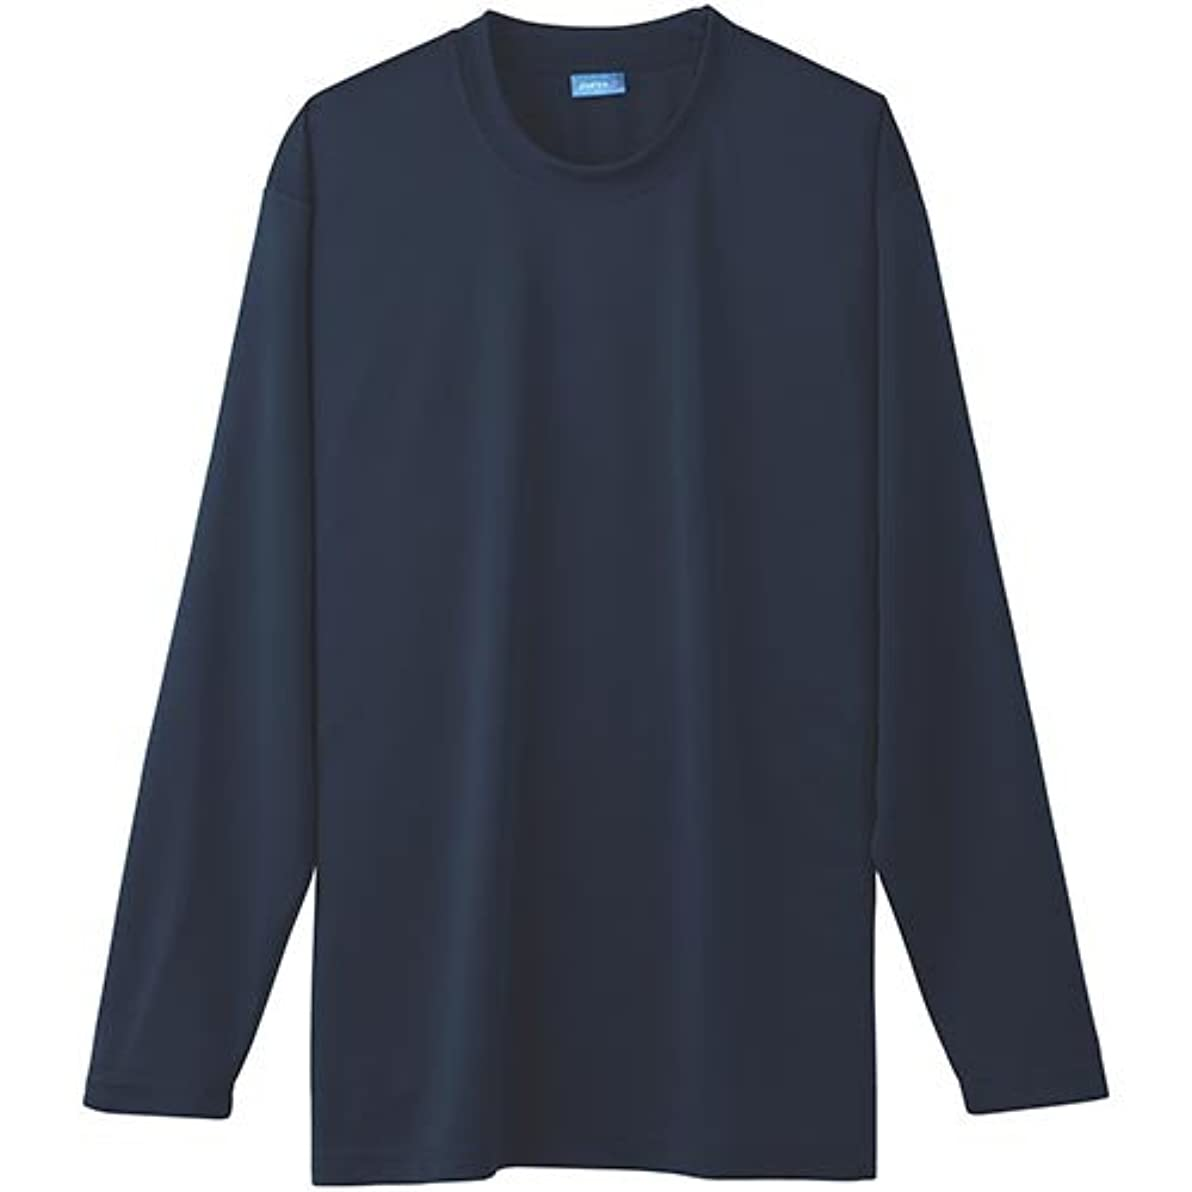 ジョイント大使館驚いたSOWA(ソーワ) 50382 長袖Tシャツ ネイビー L